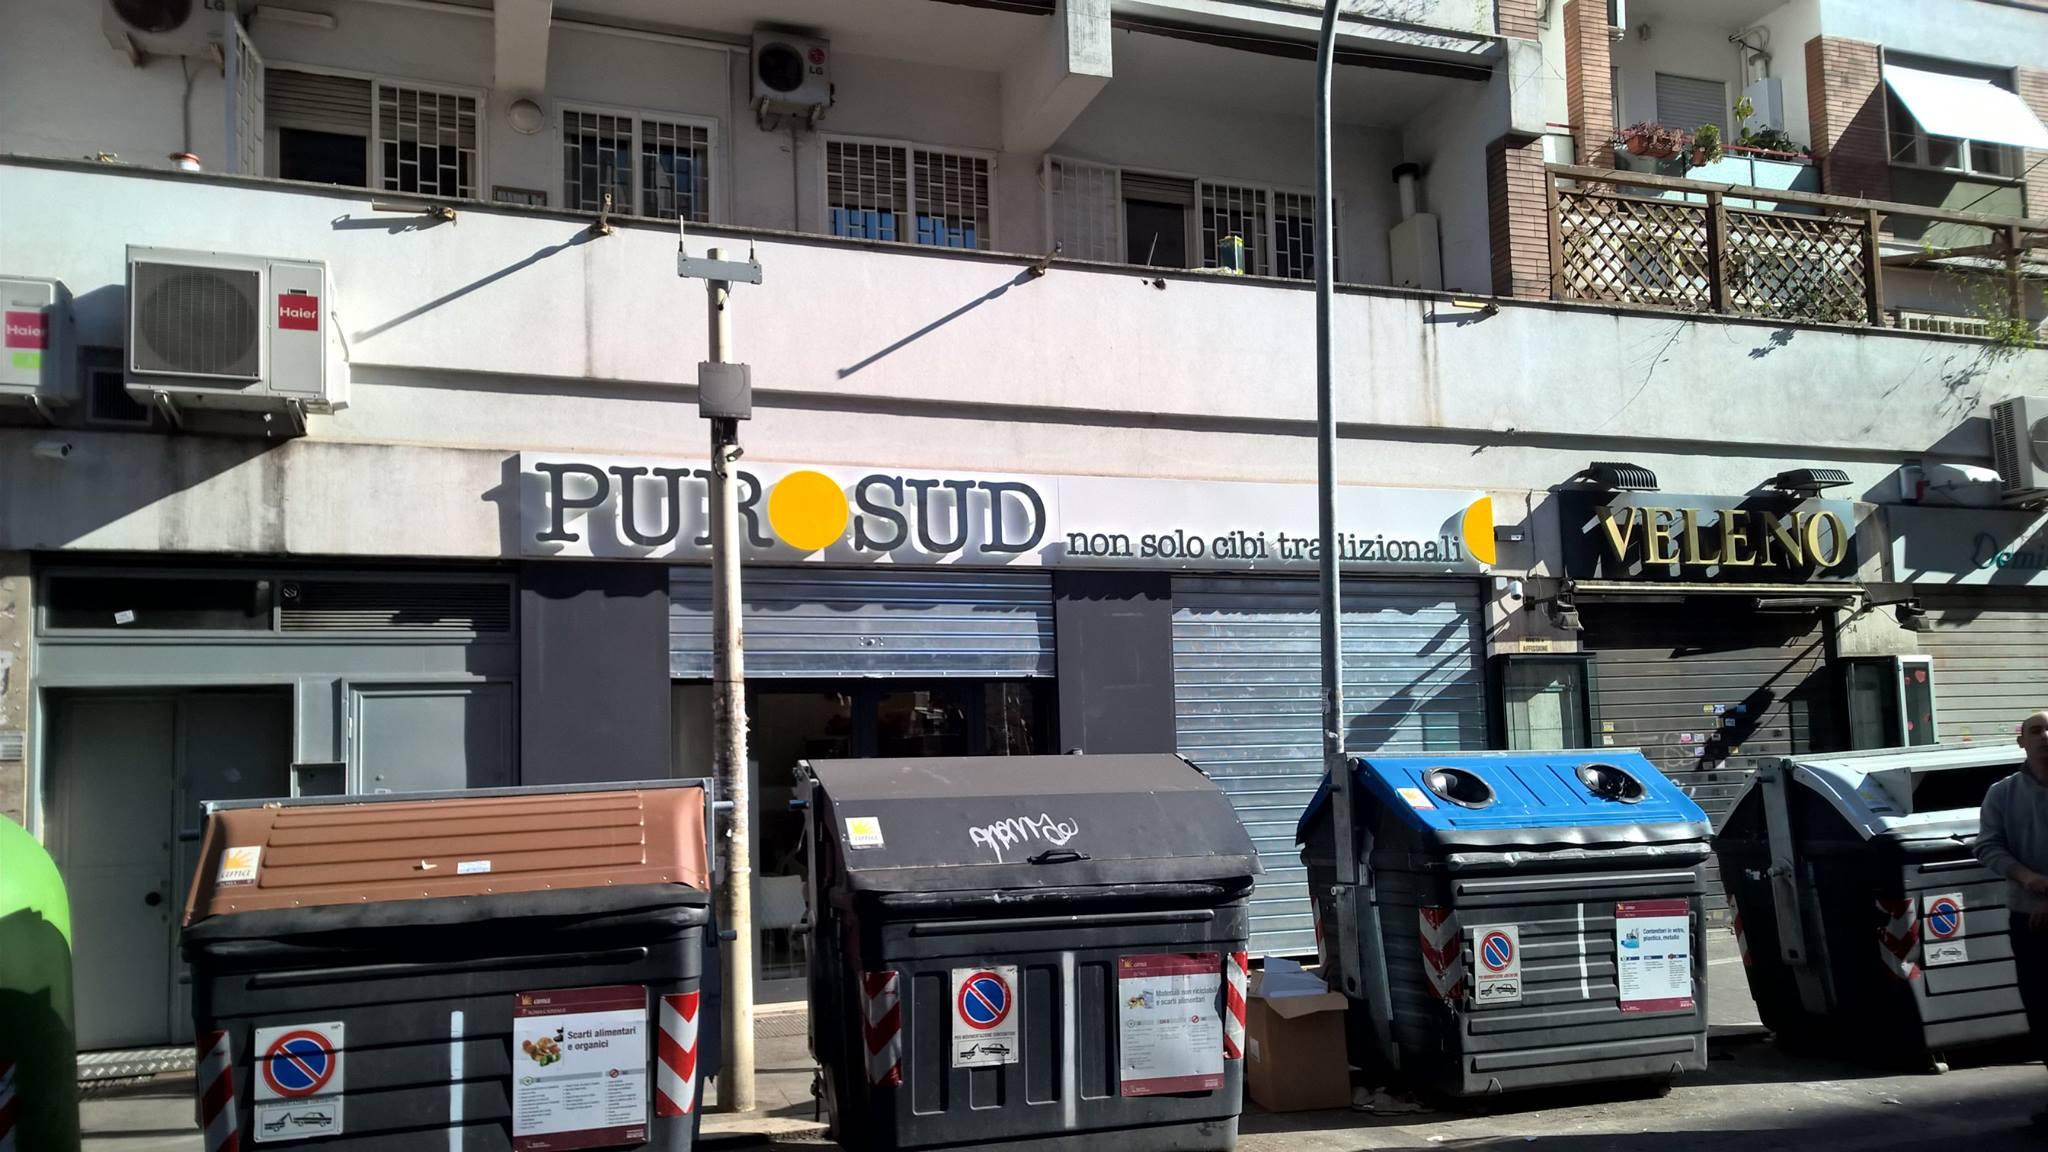 insegna PURO SUD non solo cibi tradizionali